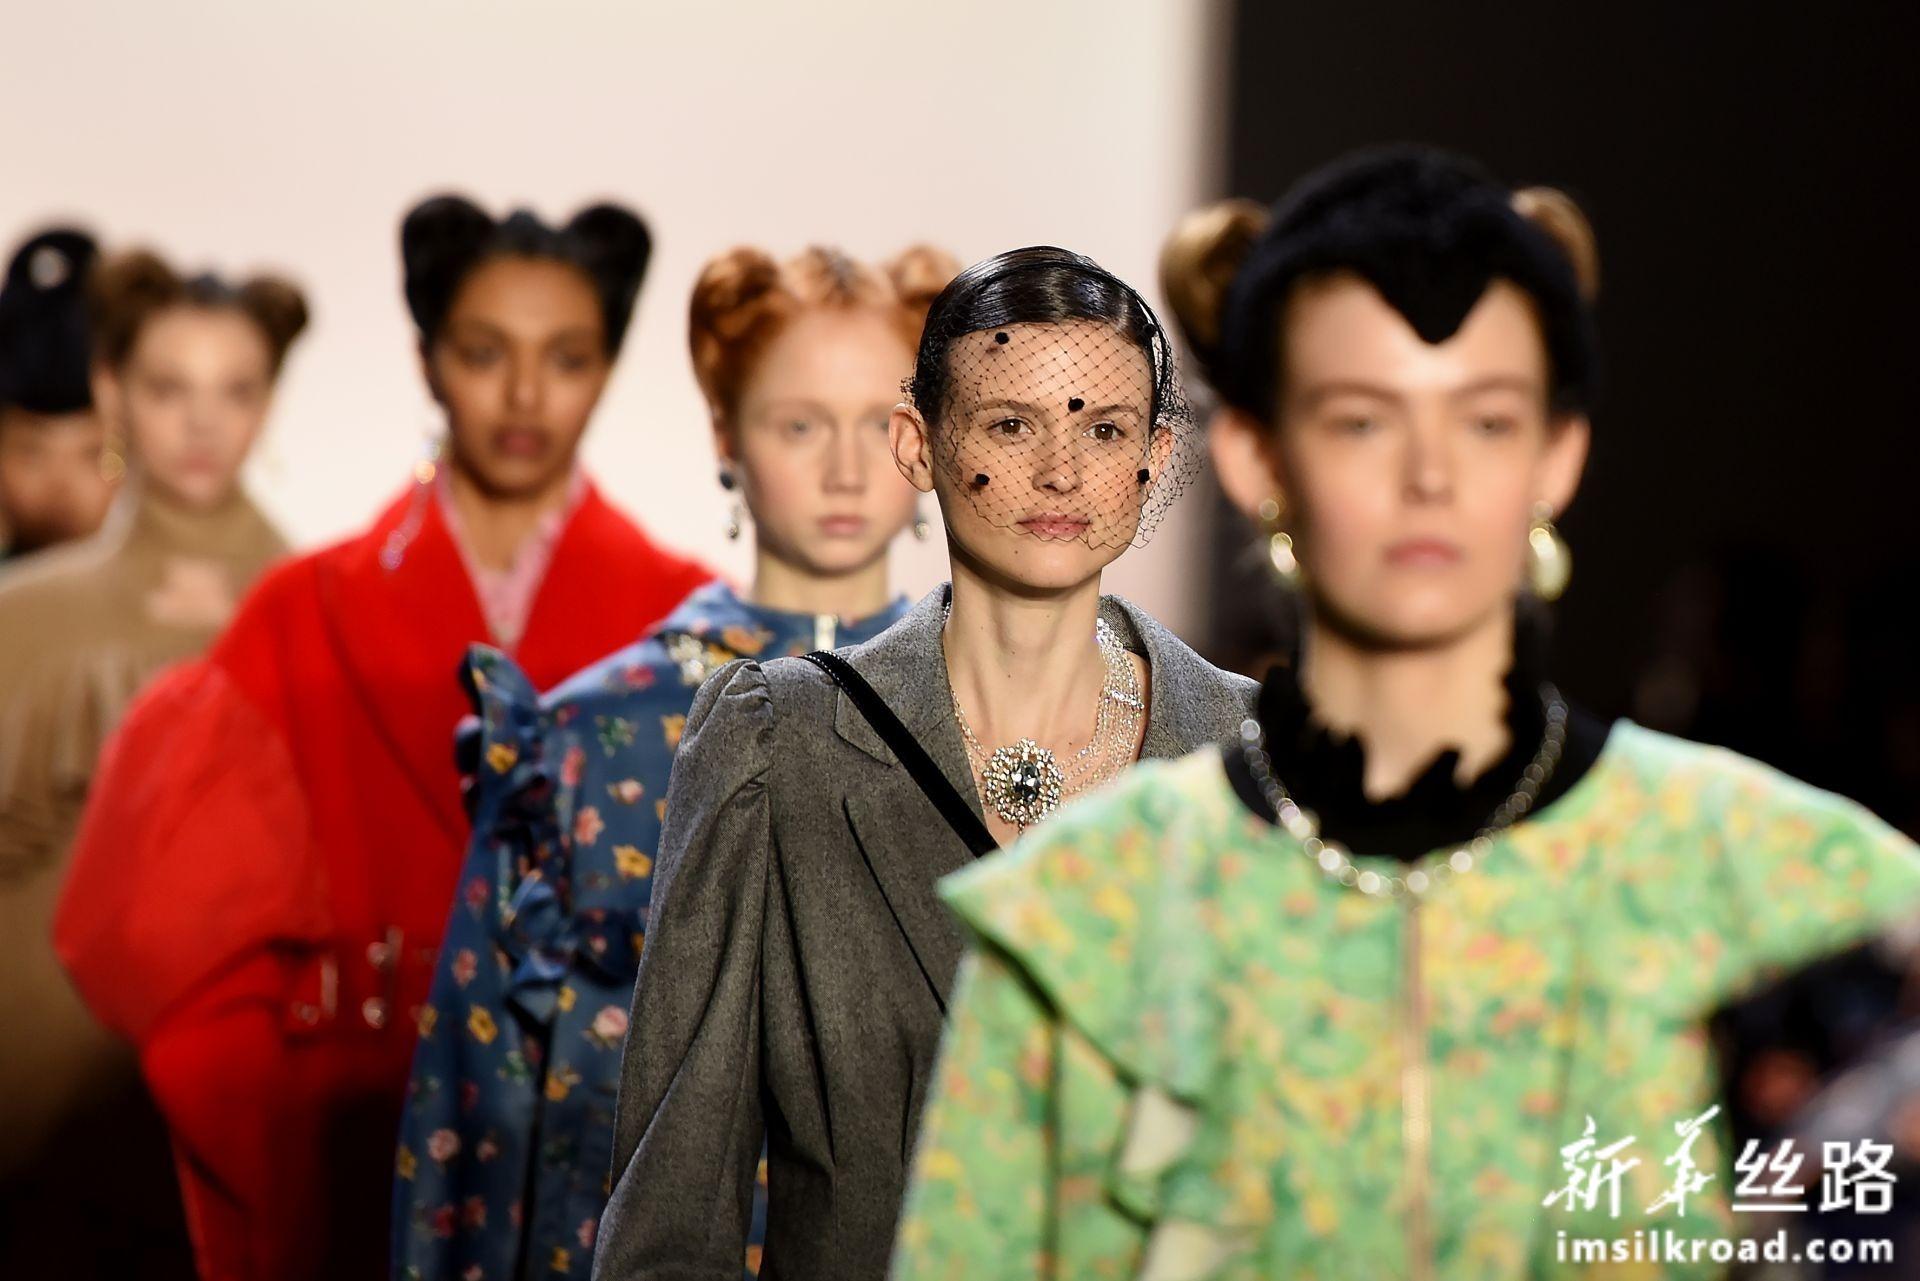 香港设计师作品亮相纽约时装周